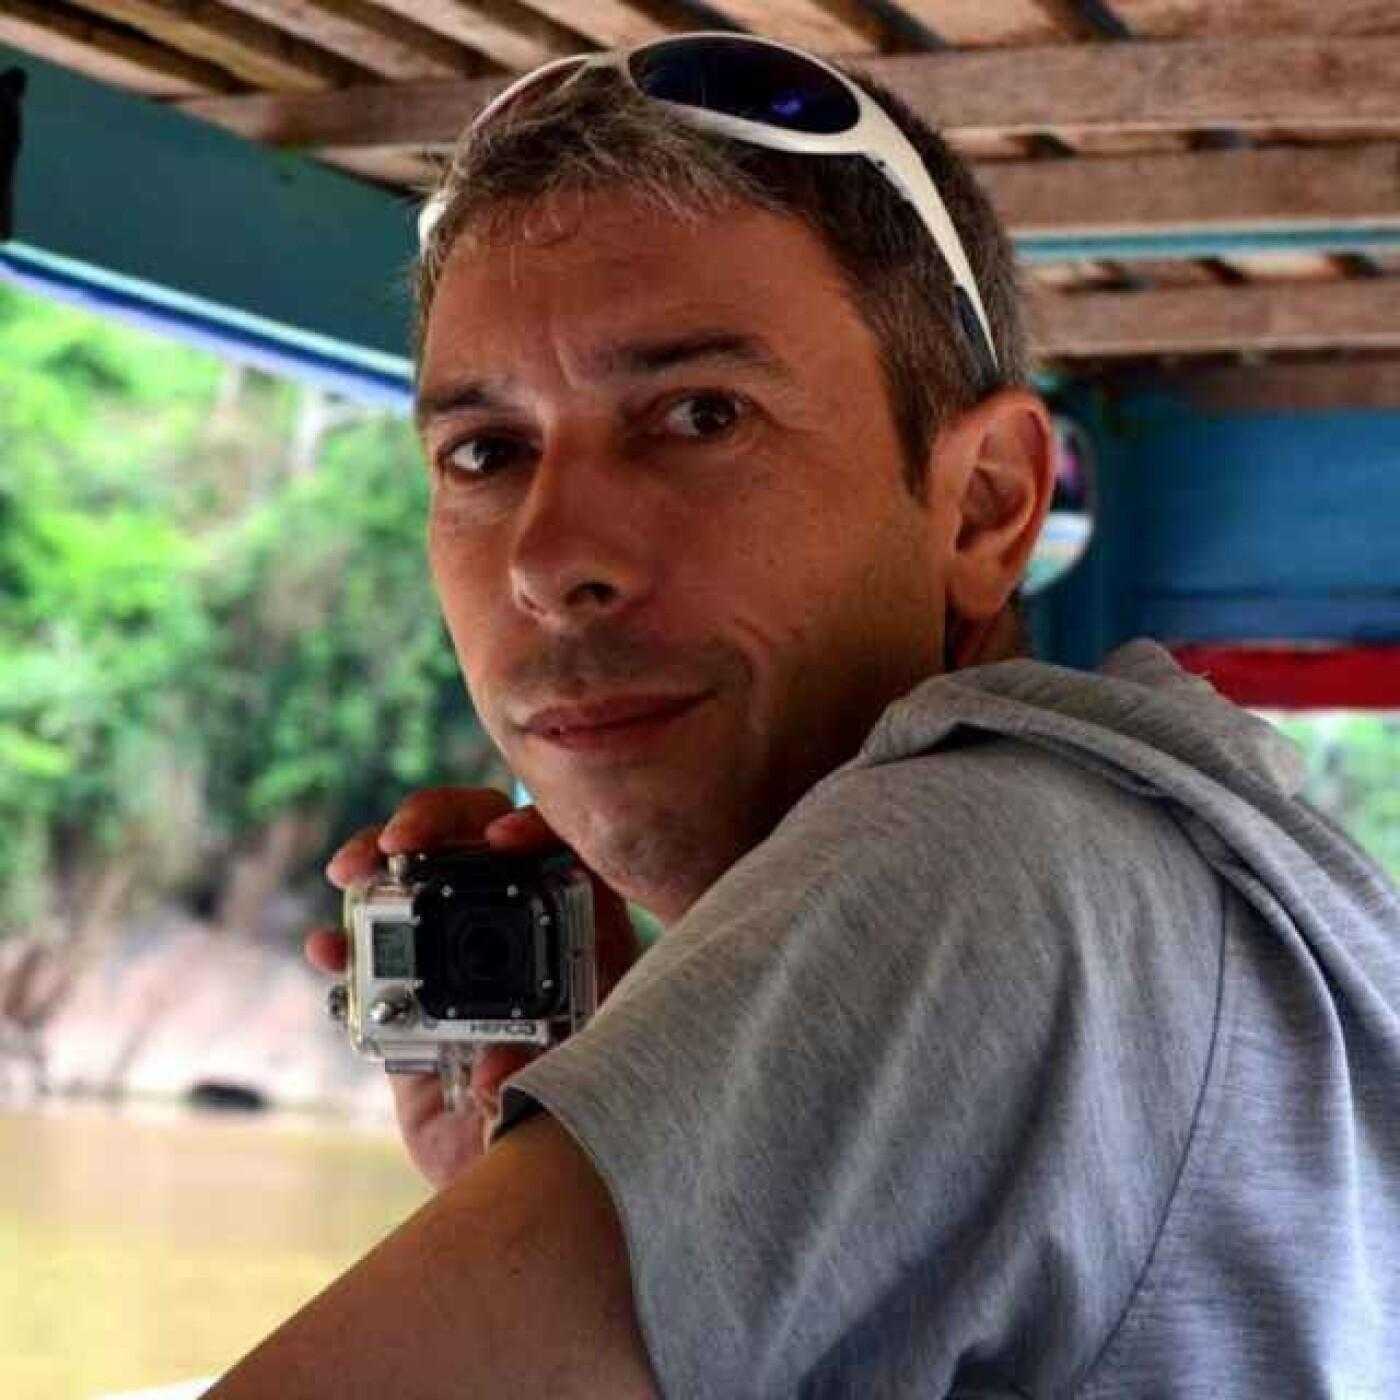 Pascal est tombé amoureux du Vietnam, il y vit depuis 12 ans - 28 01 2021 - StereoChic Radio